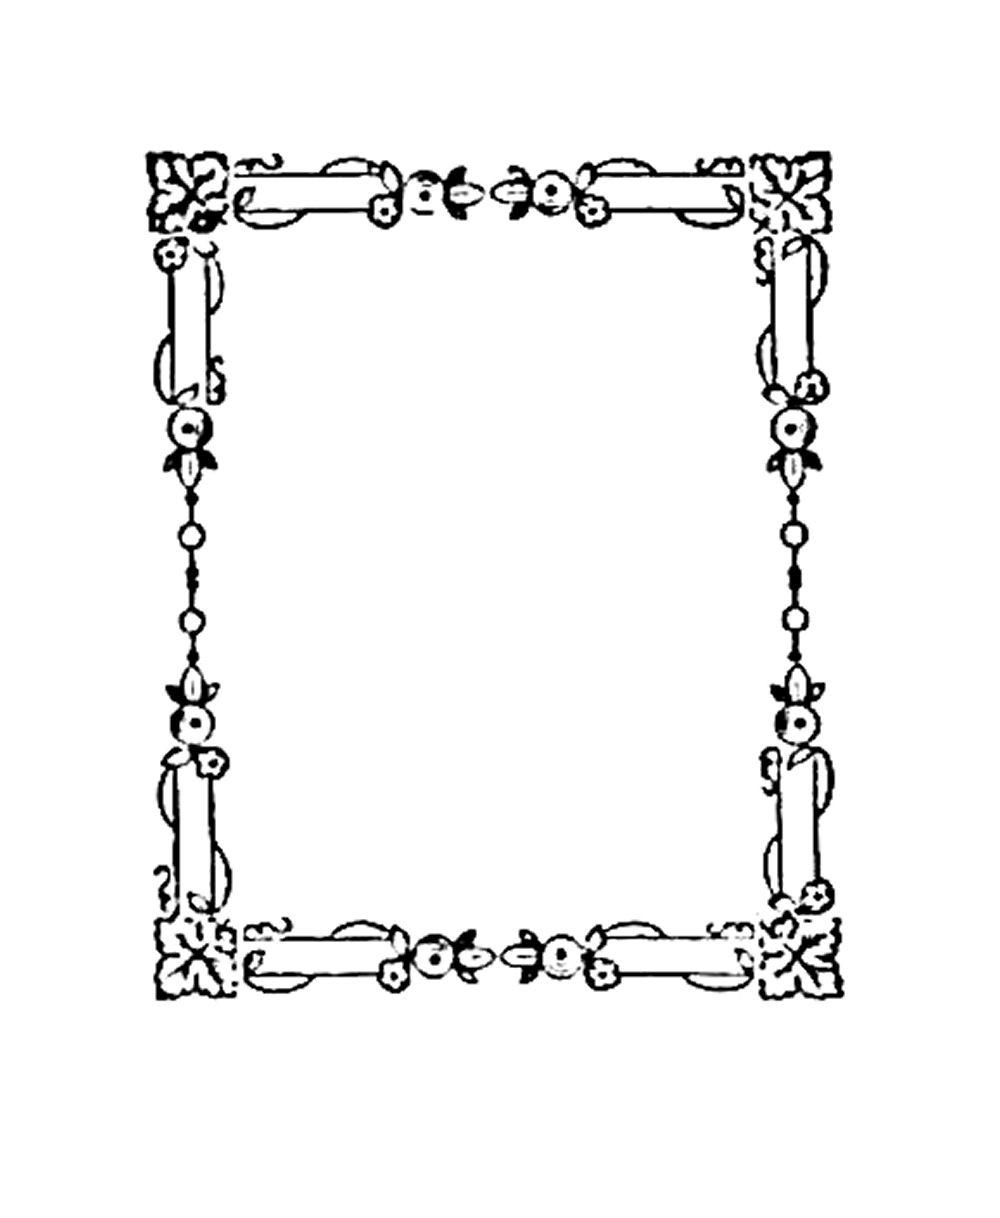 Digital Stamp Design: Free Frame Digital Stamp: Small Digital Frame ...